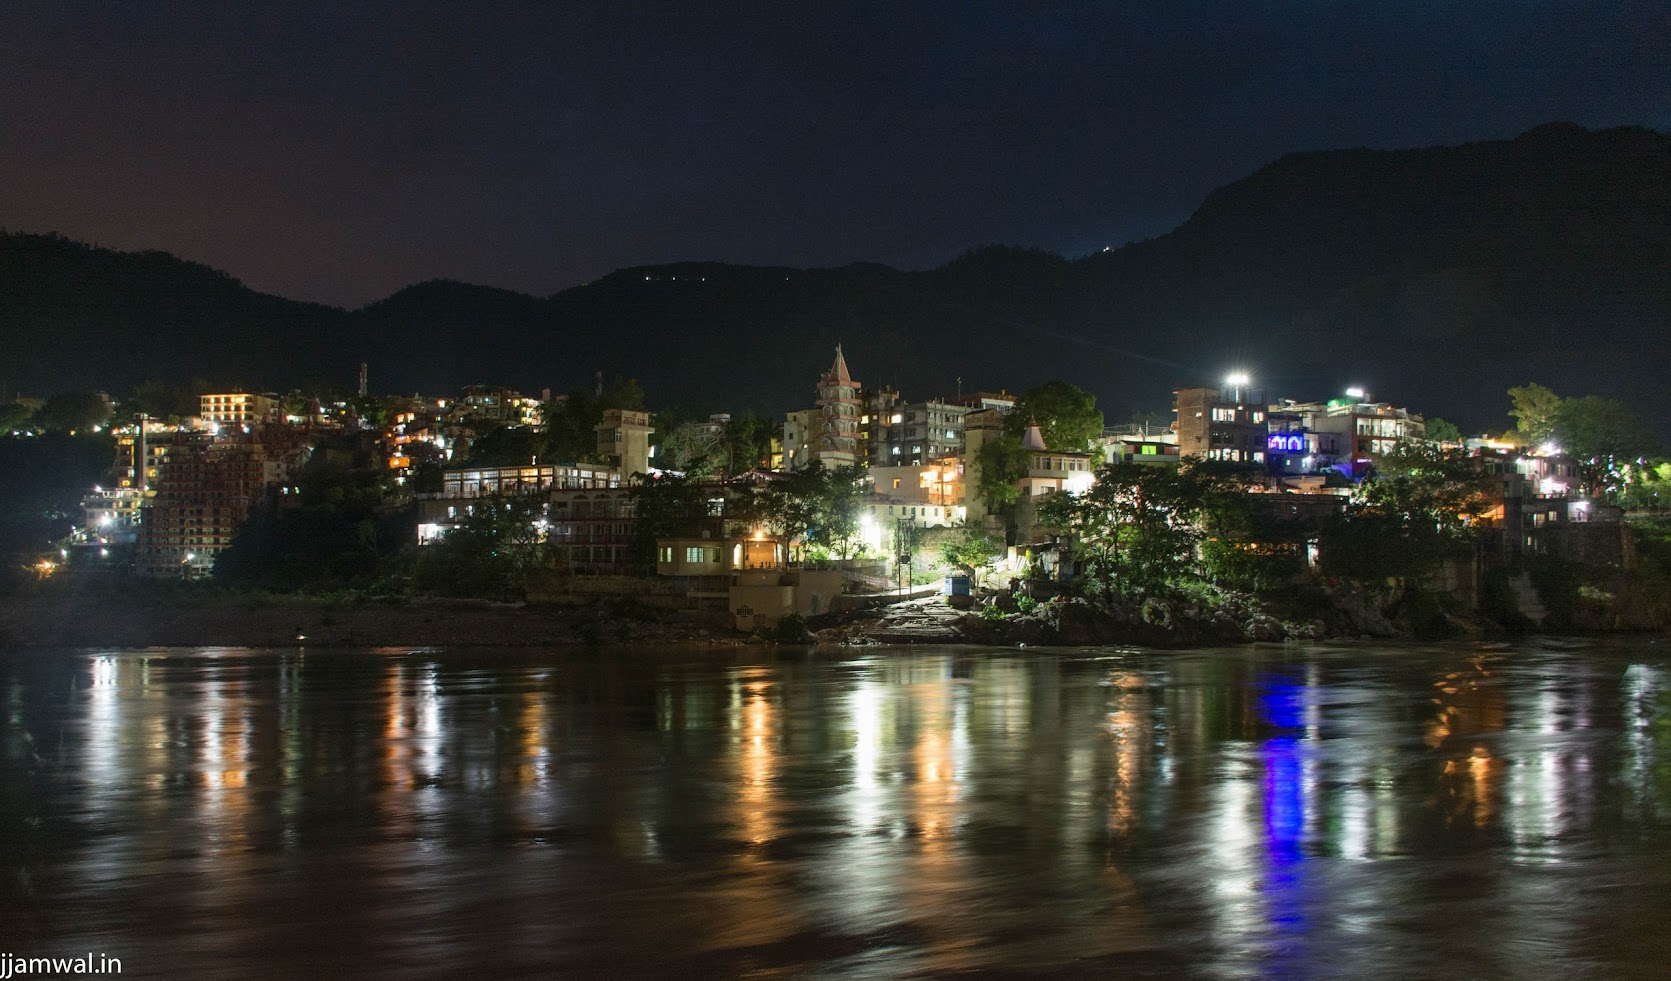 Rishikesh at night